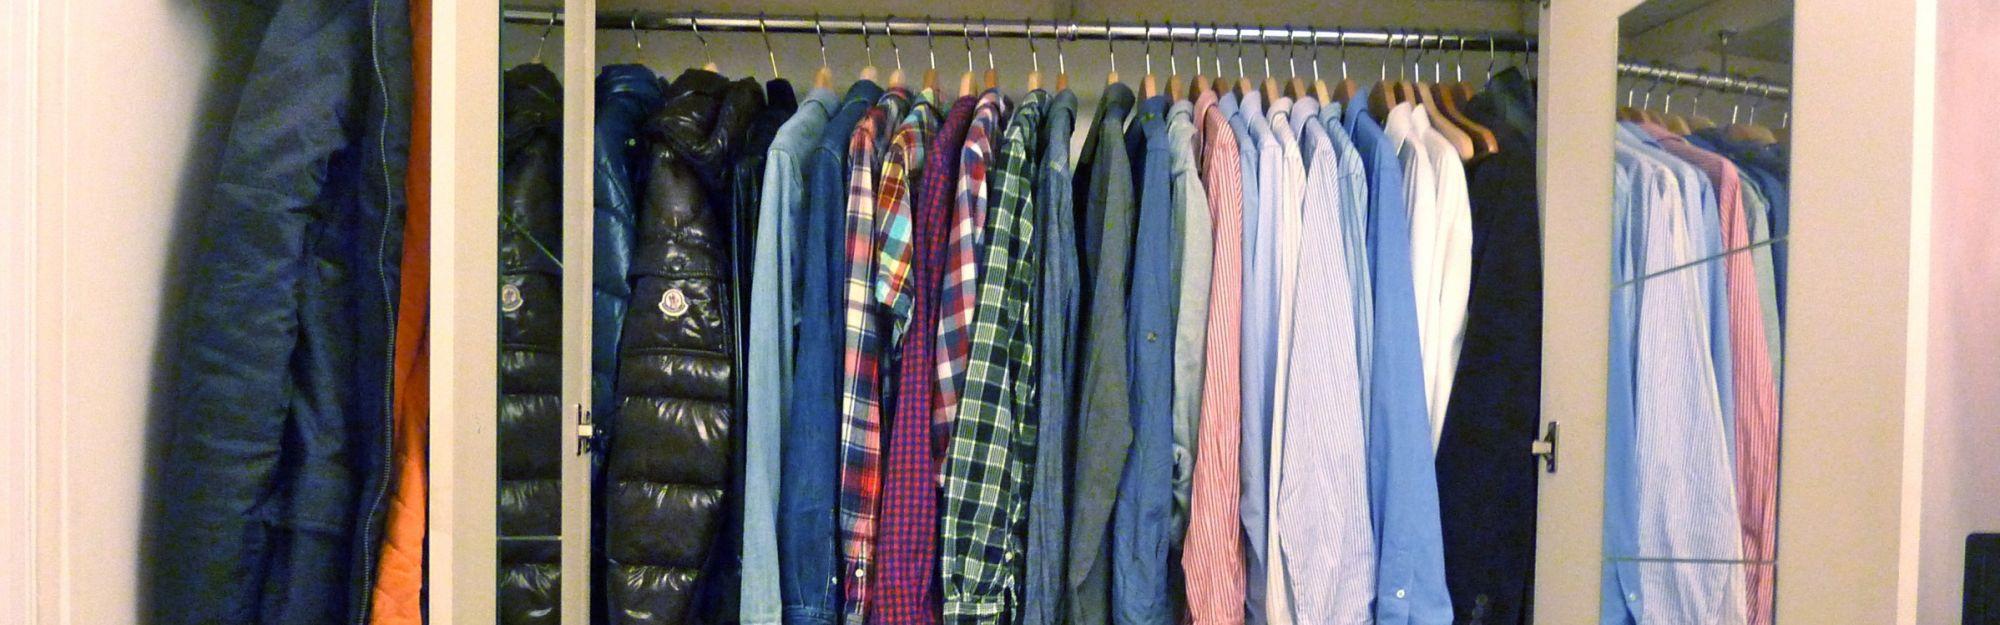 Wie kann ich Platz im Kleiderschrank schaffen?